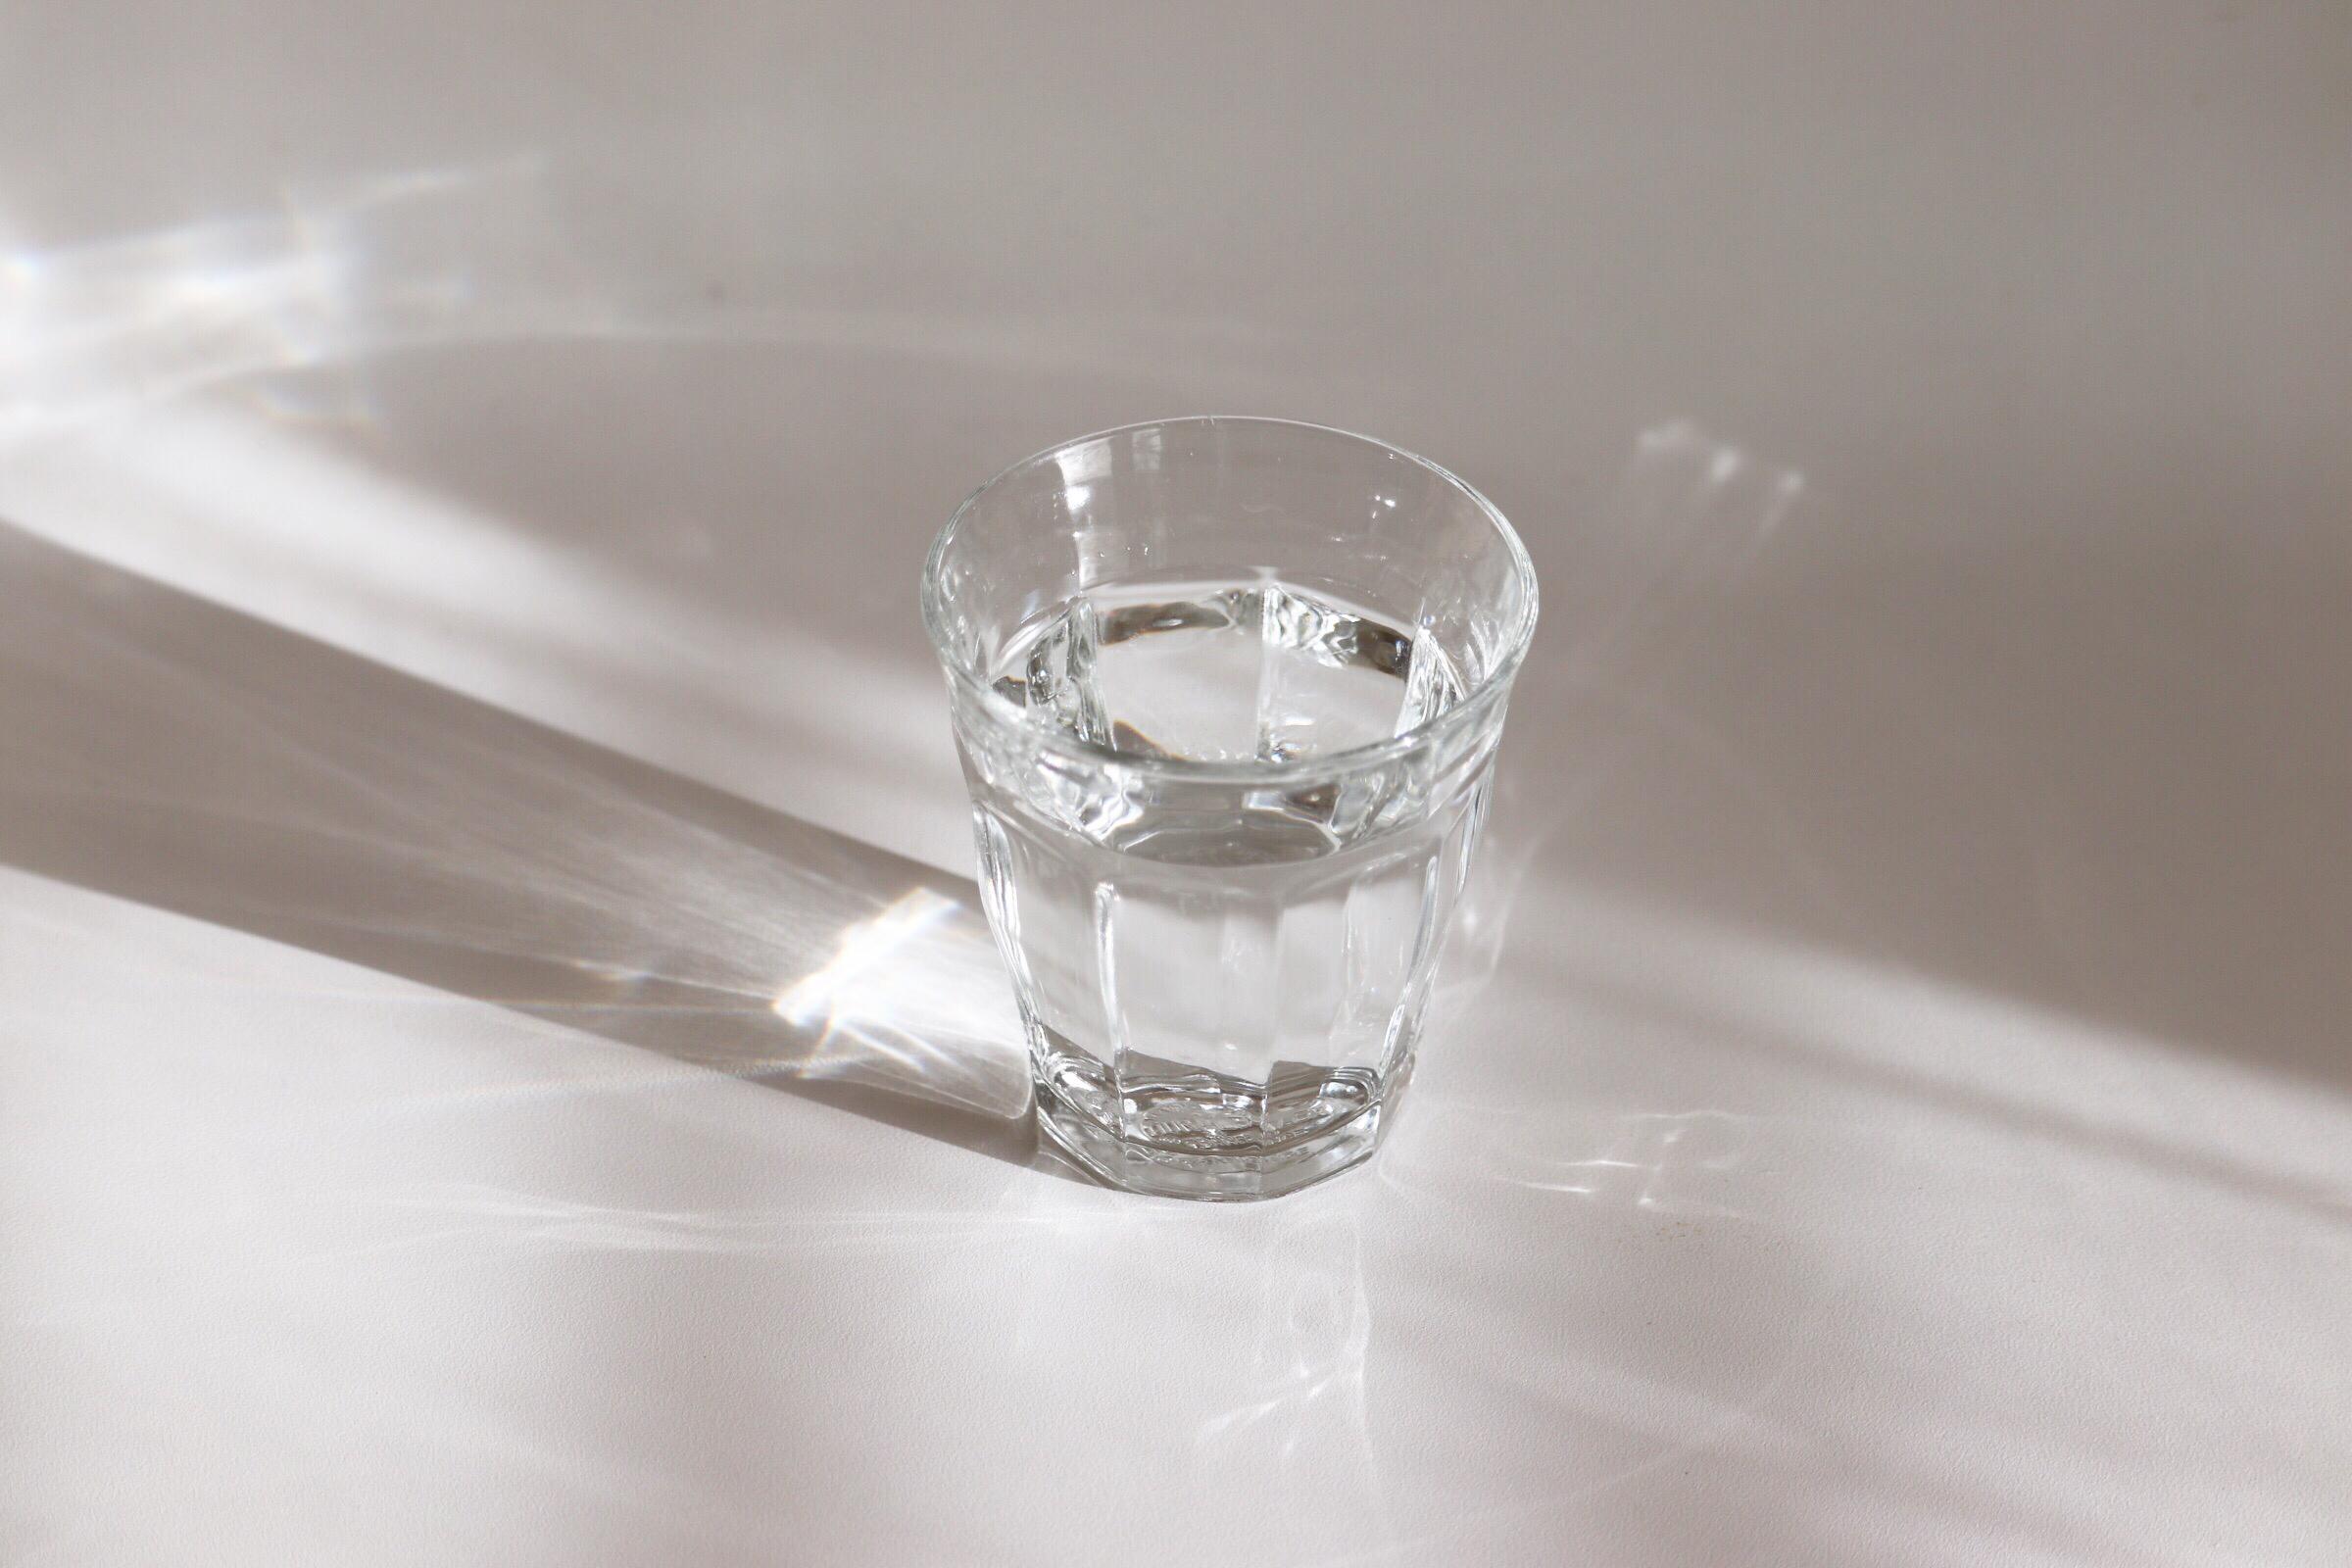 1液によるダメージを最小限に抑えること